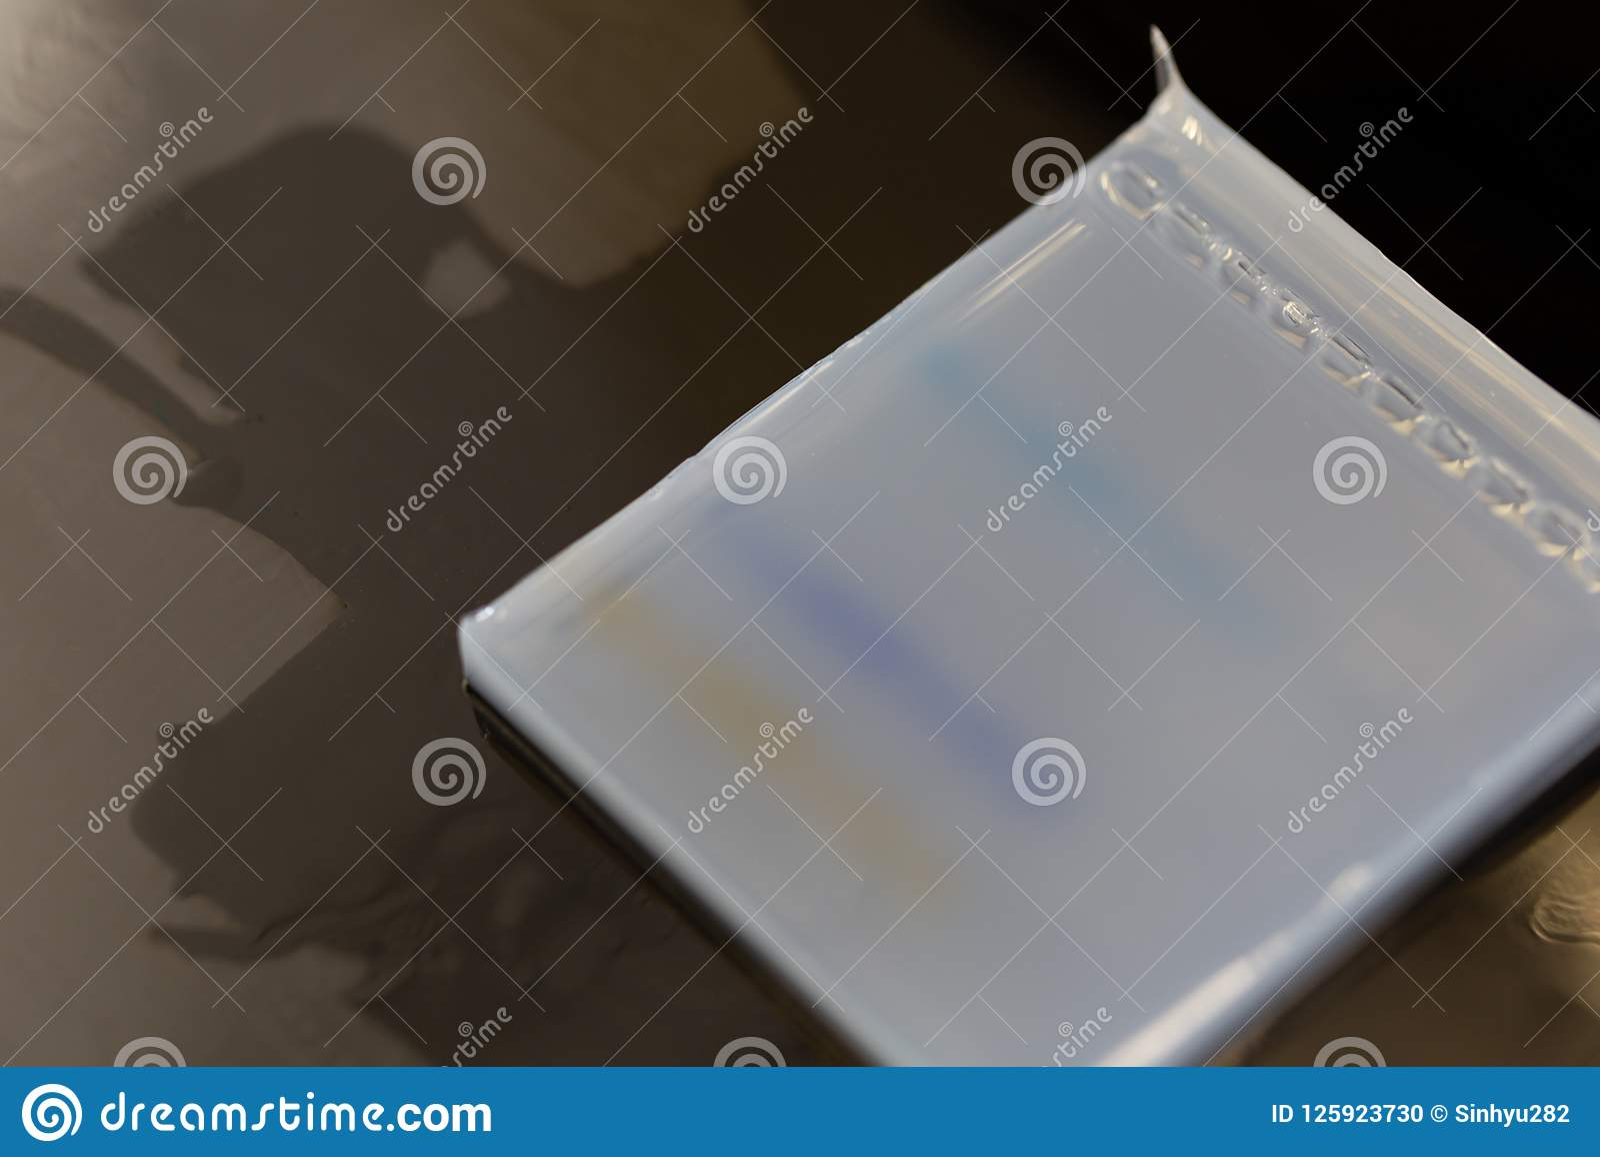 Agarose de gelelektroforese is een methode van gelelektroforese in biochemie, moleculaire biologie en genetica wordt gebruikt die